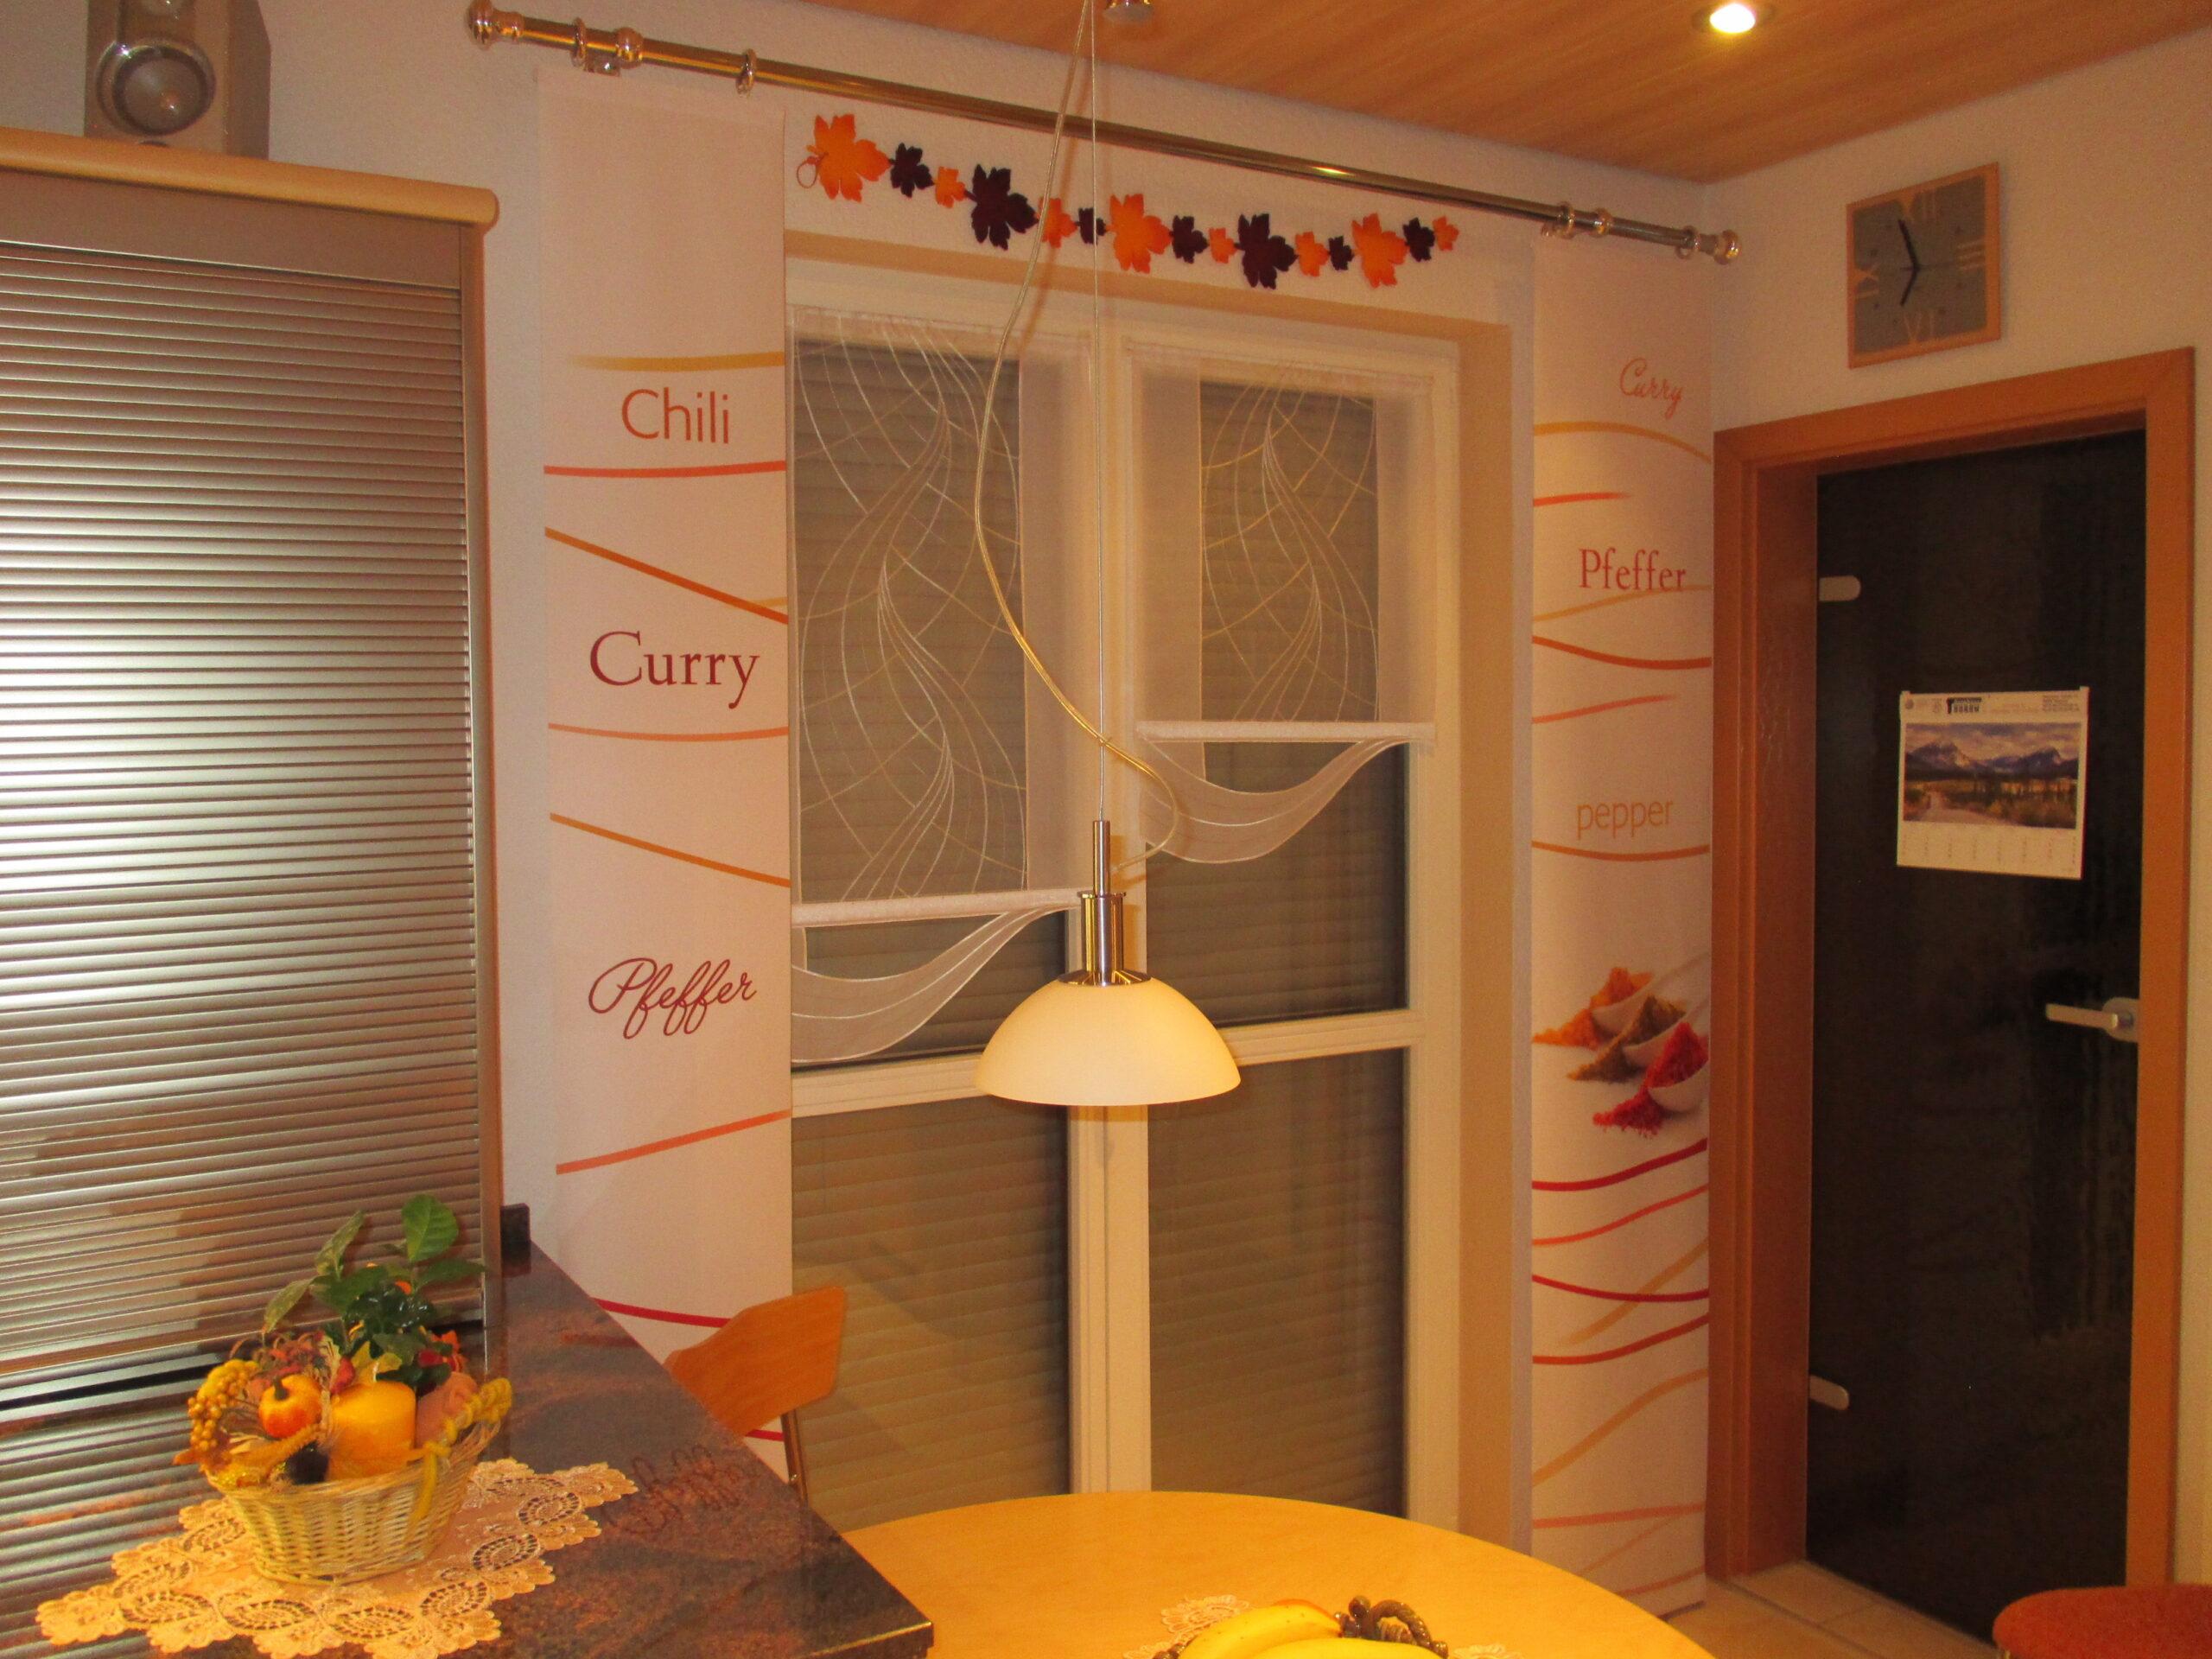 Full Size of Beitrge Zum Thema Kchenvorhang Der Vorhang Gardinen Wohnzimmer Küchenvorhang